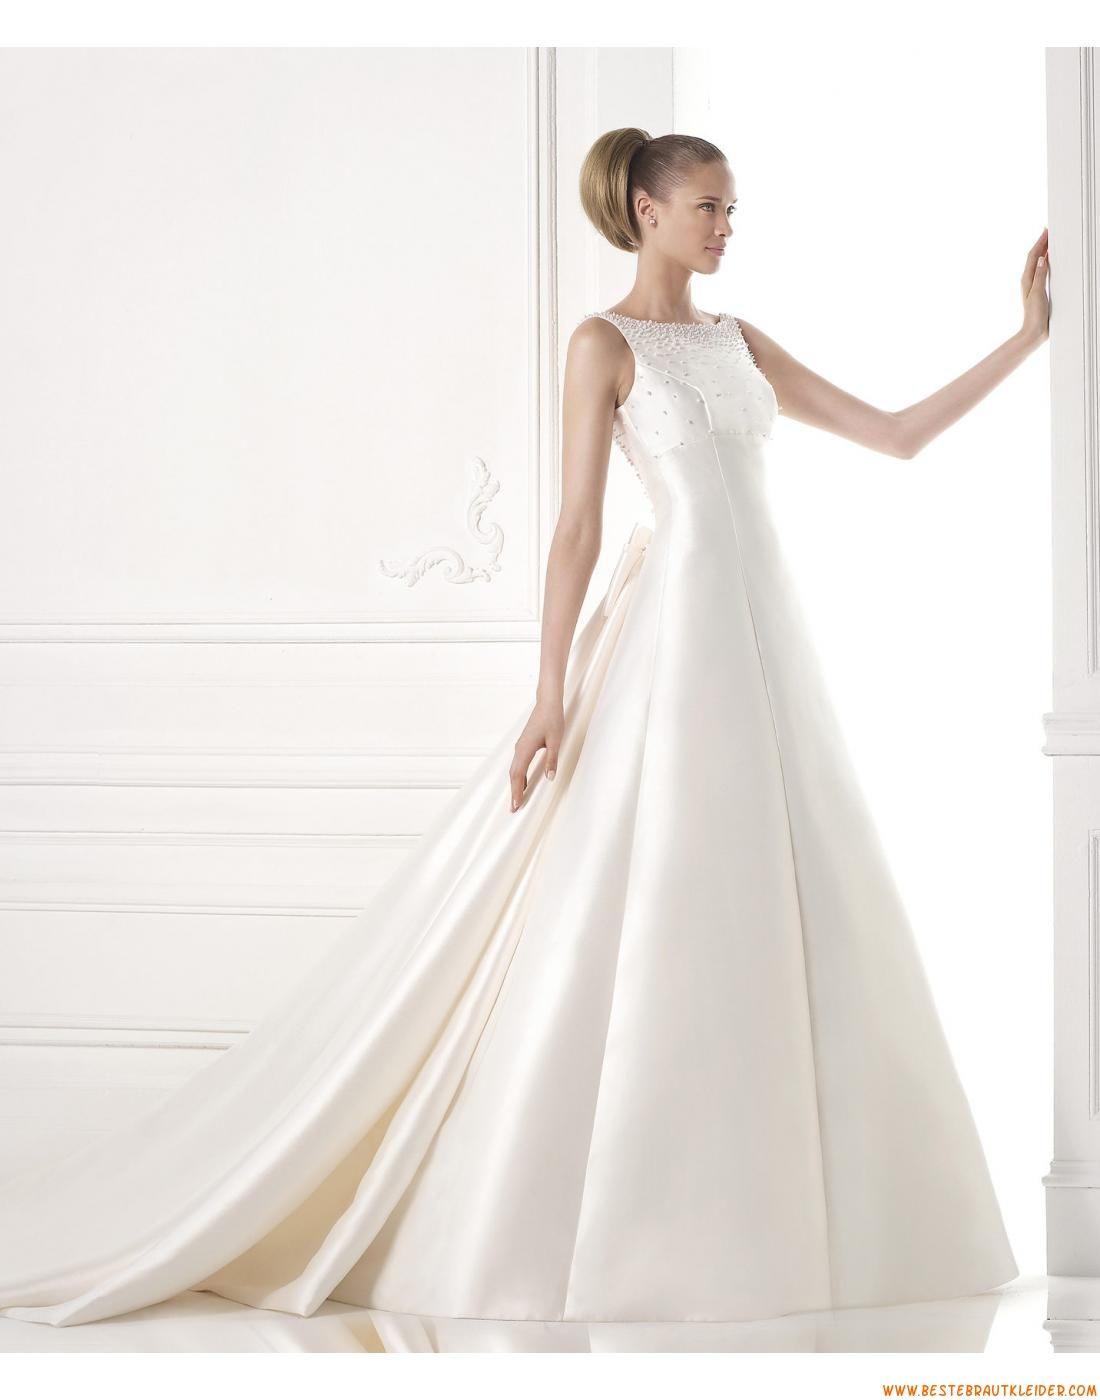 Abend Leicht Elegante Brautkleider für 201917 Einzigartig Elegante Brautkleider Stylish